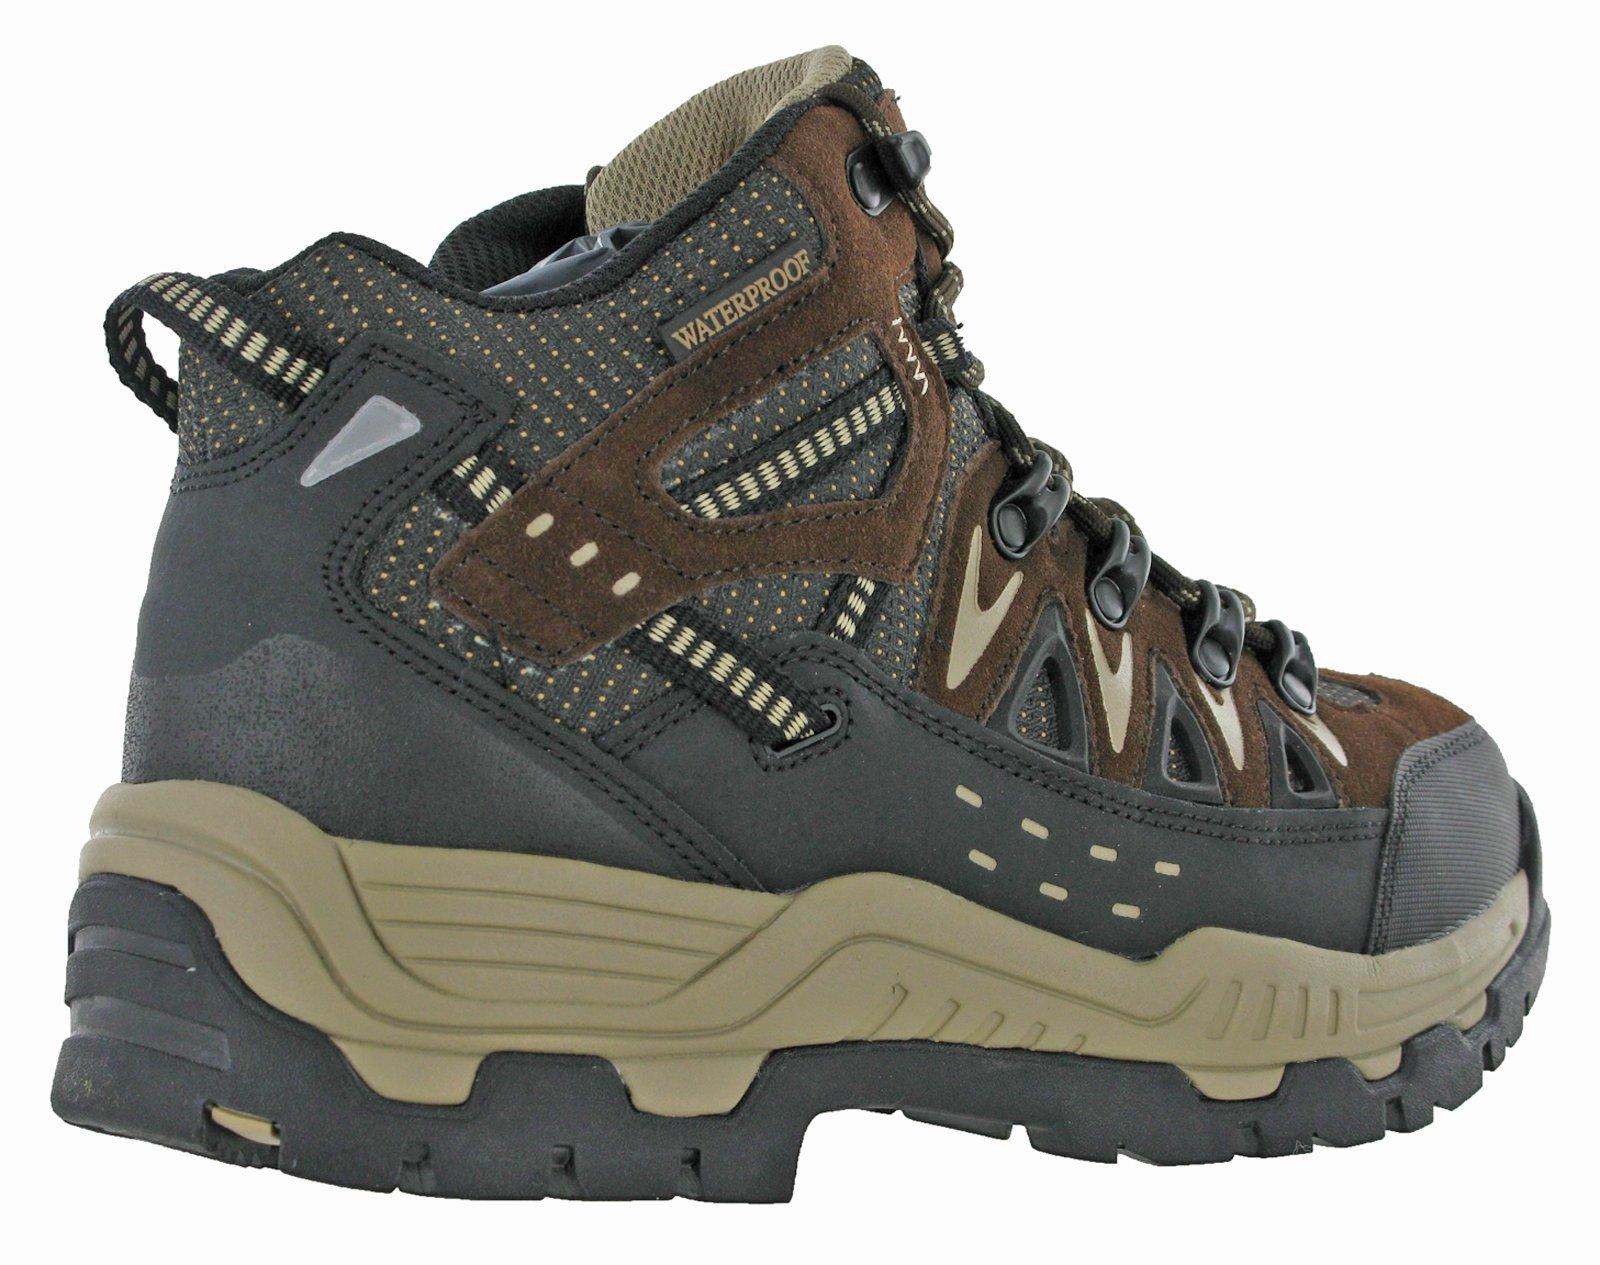 Northwest Mens Piers Hi Cut Brown/Beige Ankle Walking Boots 6